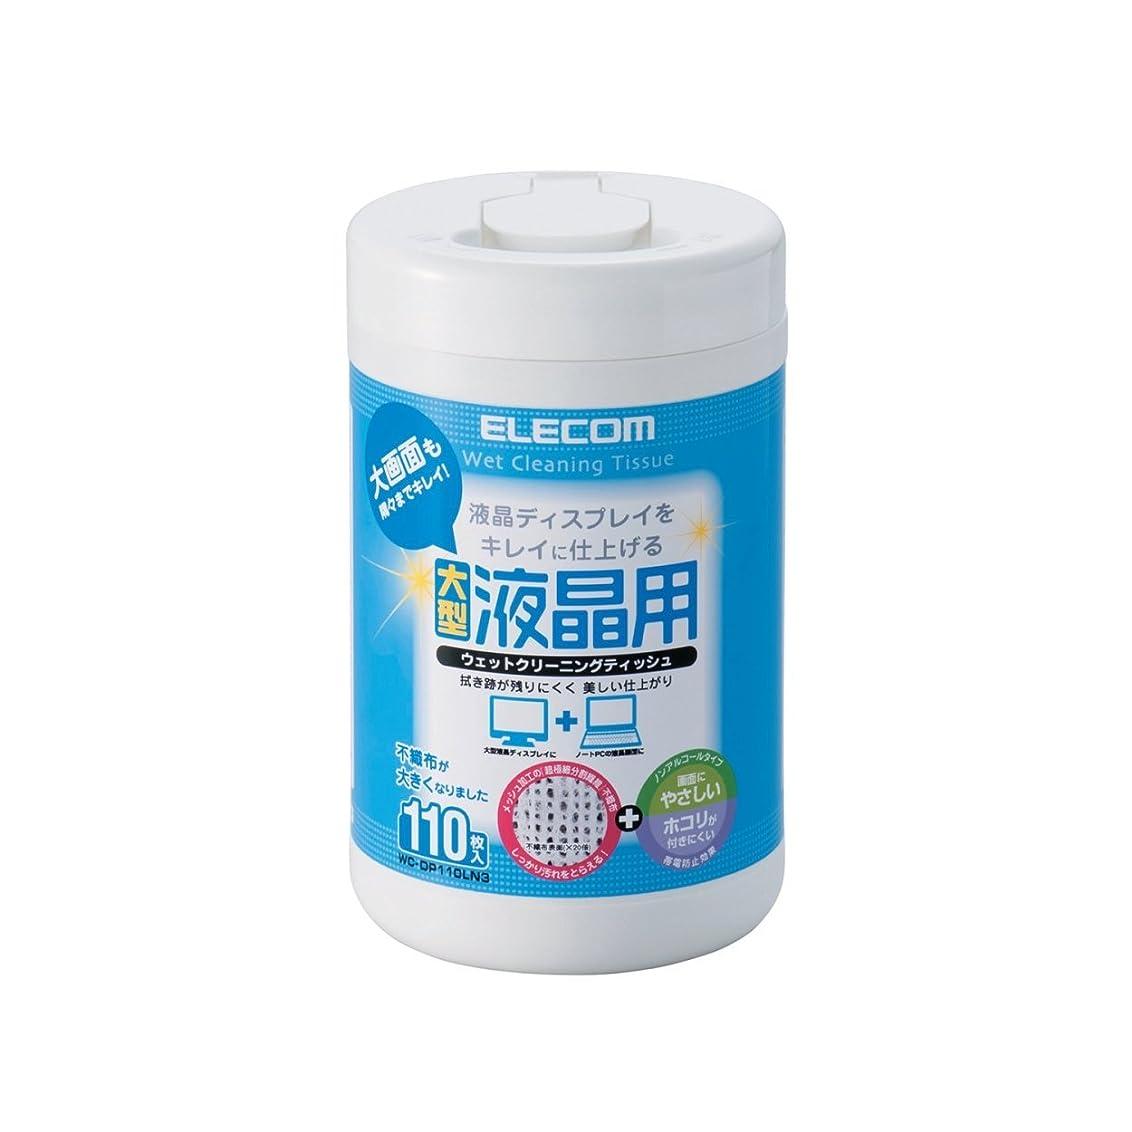 シマウマアルネコントロールプラス プリット 強力瞬間接着剤 パワージェル 4g ゼリー状 多用途タイプ 29-761